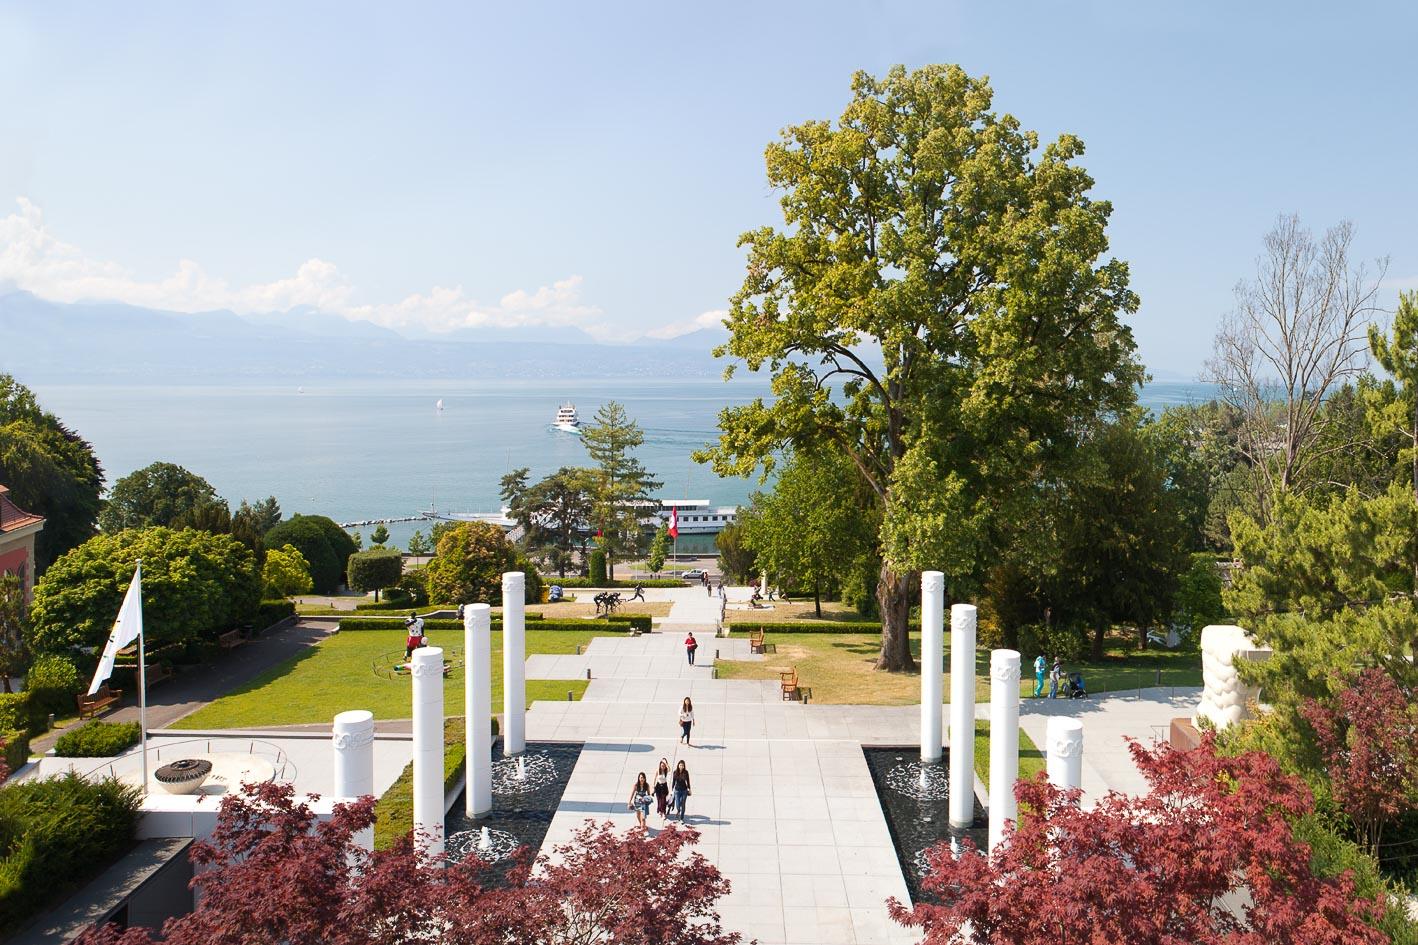 Non, la capitale de l'olympisme n'est pas en Grèce, mais à Lausanne en Suisse ! Sur les rives du lac Léman, la ville porte haut les valeurs olympiques, dont elle fait vivre l'état esprit tout au long de l'année. Focus sur une ville athlétique par excellence, à seulement 3h40 de Paris par le train avec TGV Lyria.